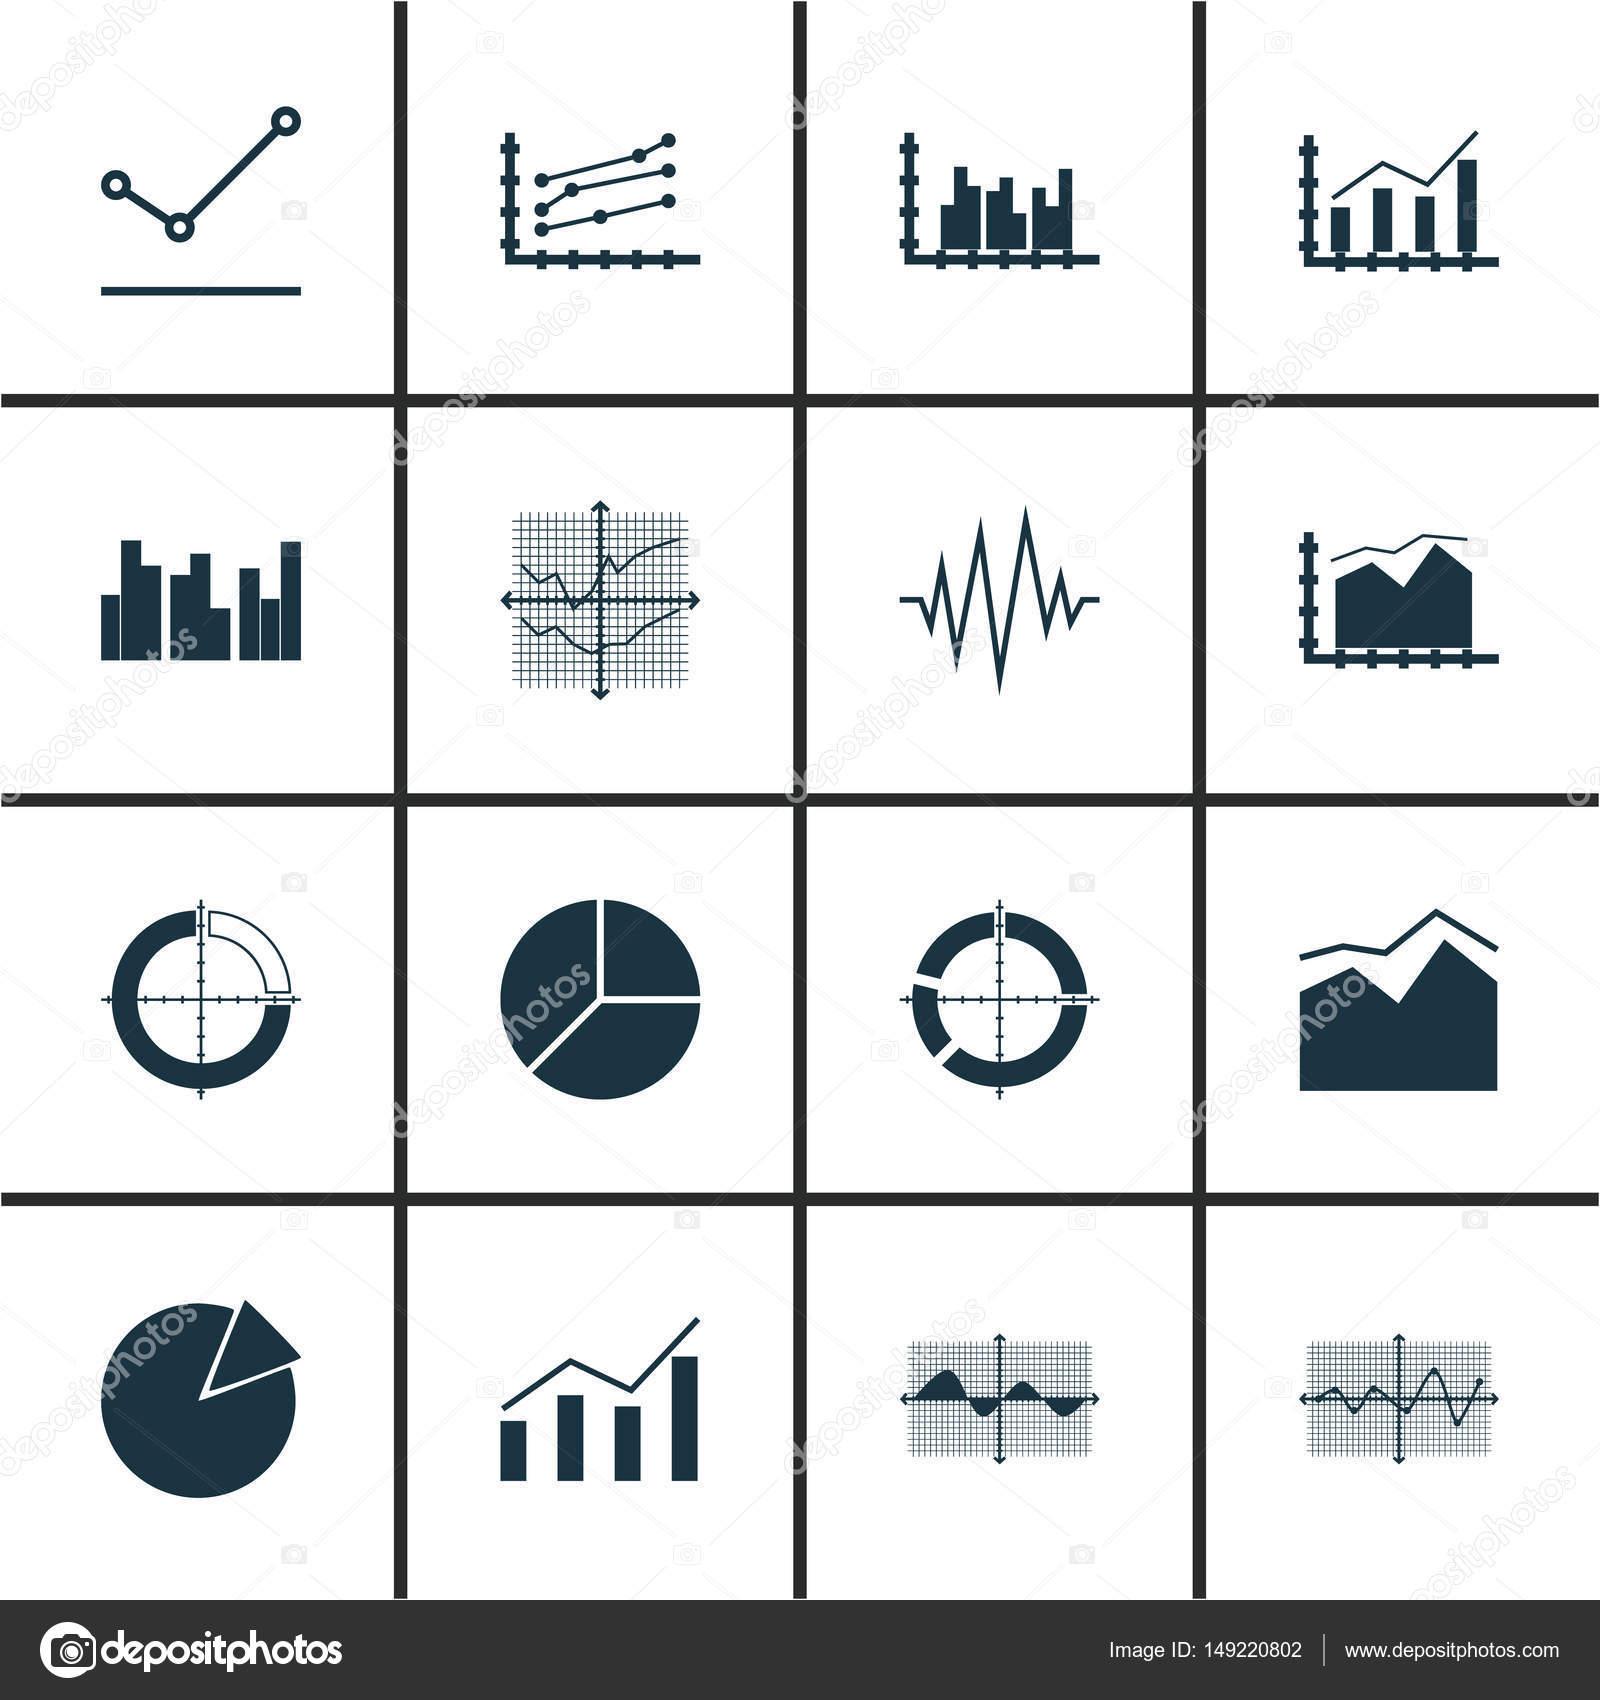 Conjunto de grficos diagramas e estatsticas cones coleo de conjunto de grficos diagramas e estatsticas cones coleo de smbolo de qualidade superior ccuart Gallery